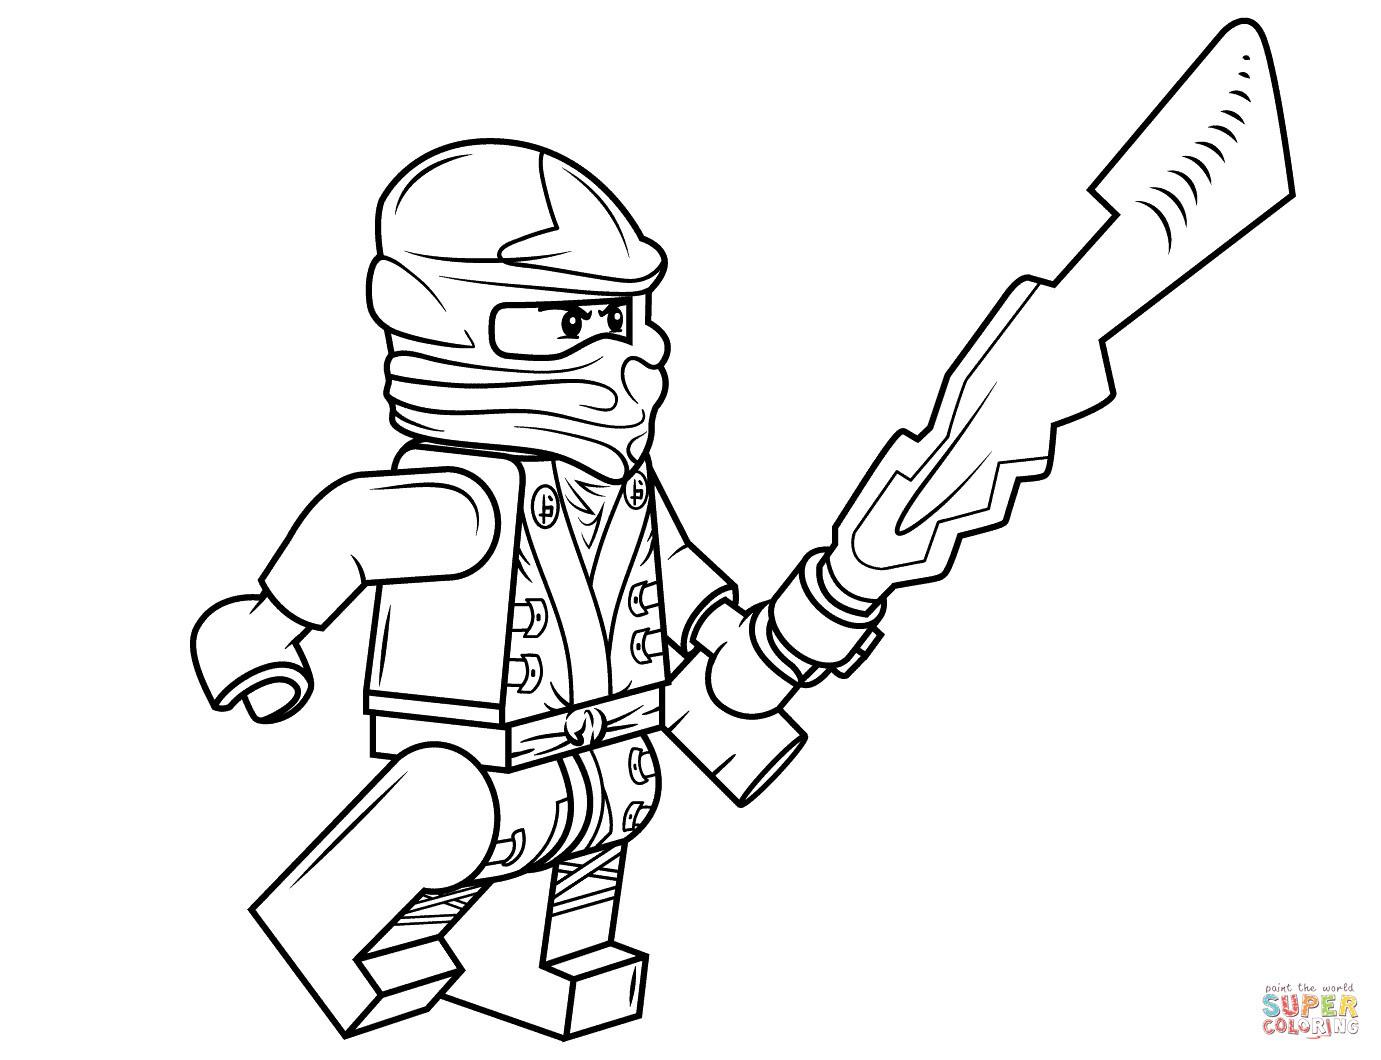 Lego Ninjago Bilder Zum Ausdrucken Das Beste Von Ausmalbilder Lego Ninjago Malvorlagen Kostenlos Zum Ausdrucken Schön Sammlung